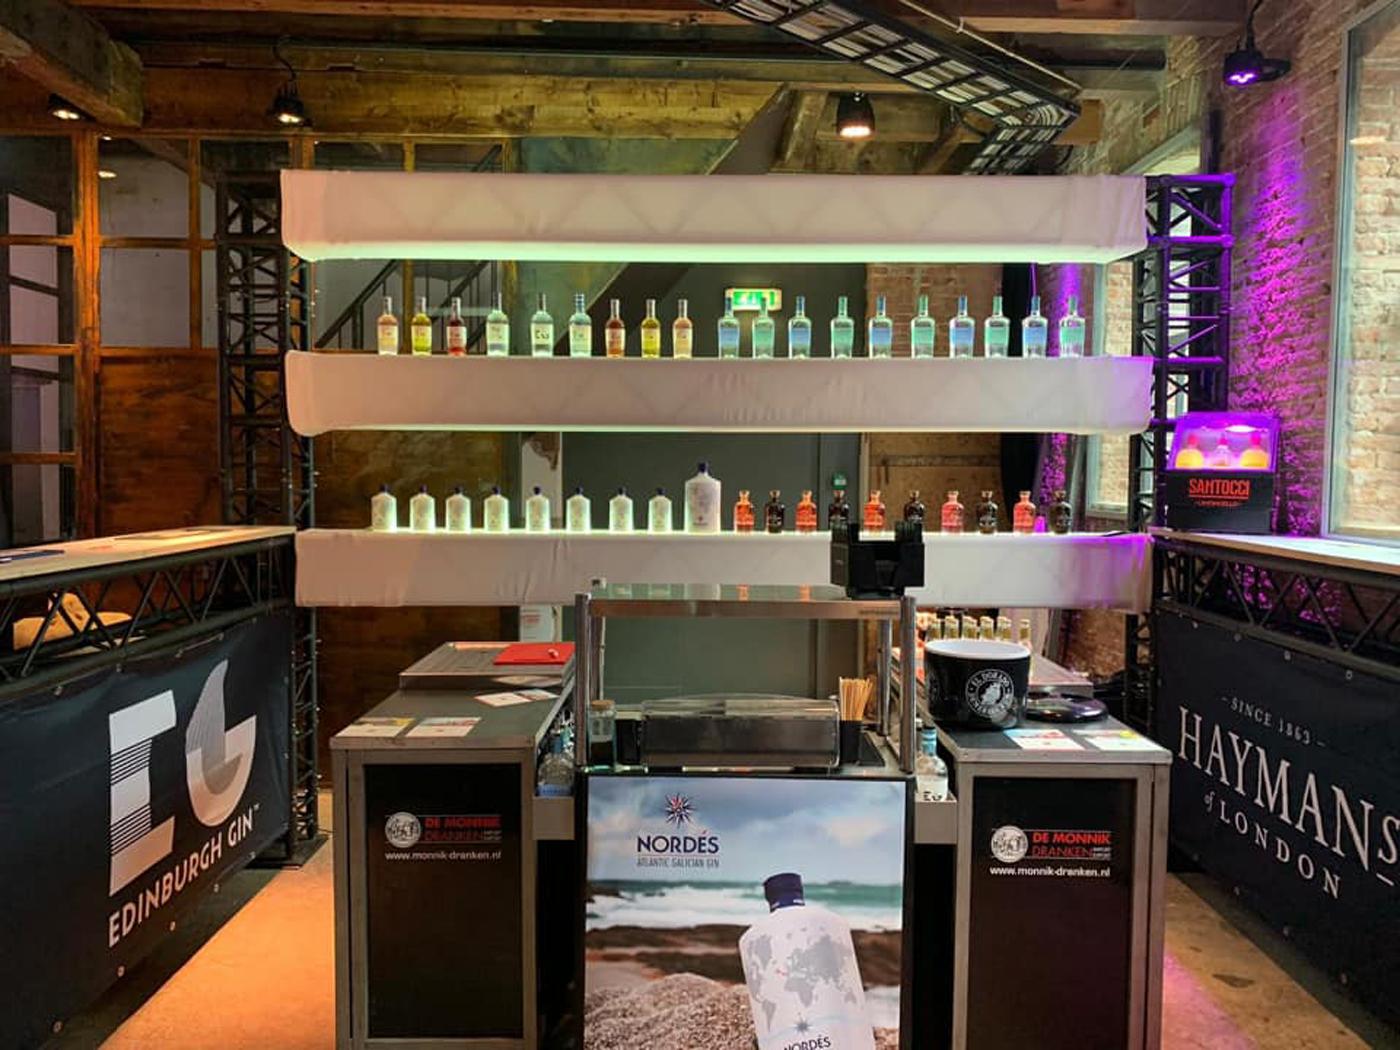 Nordés en Edinburgh Gin favoriet op Gin Festival Leiden overzicht gin soorten De Monnik